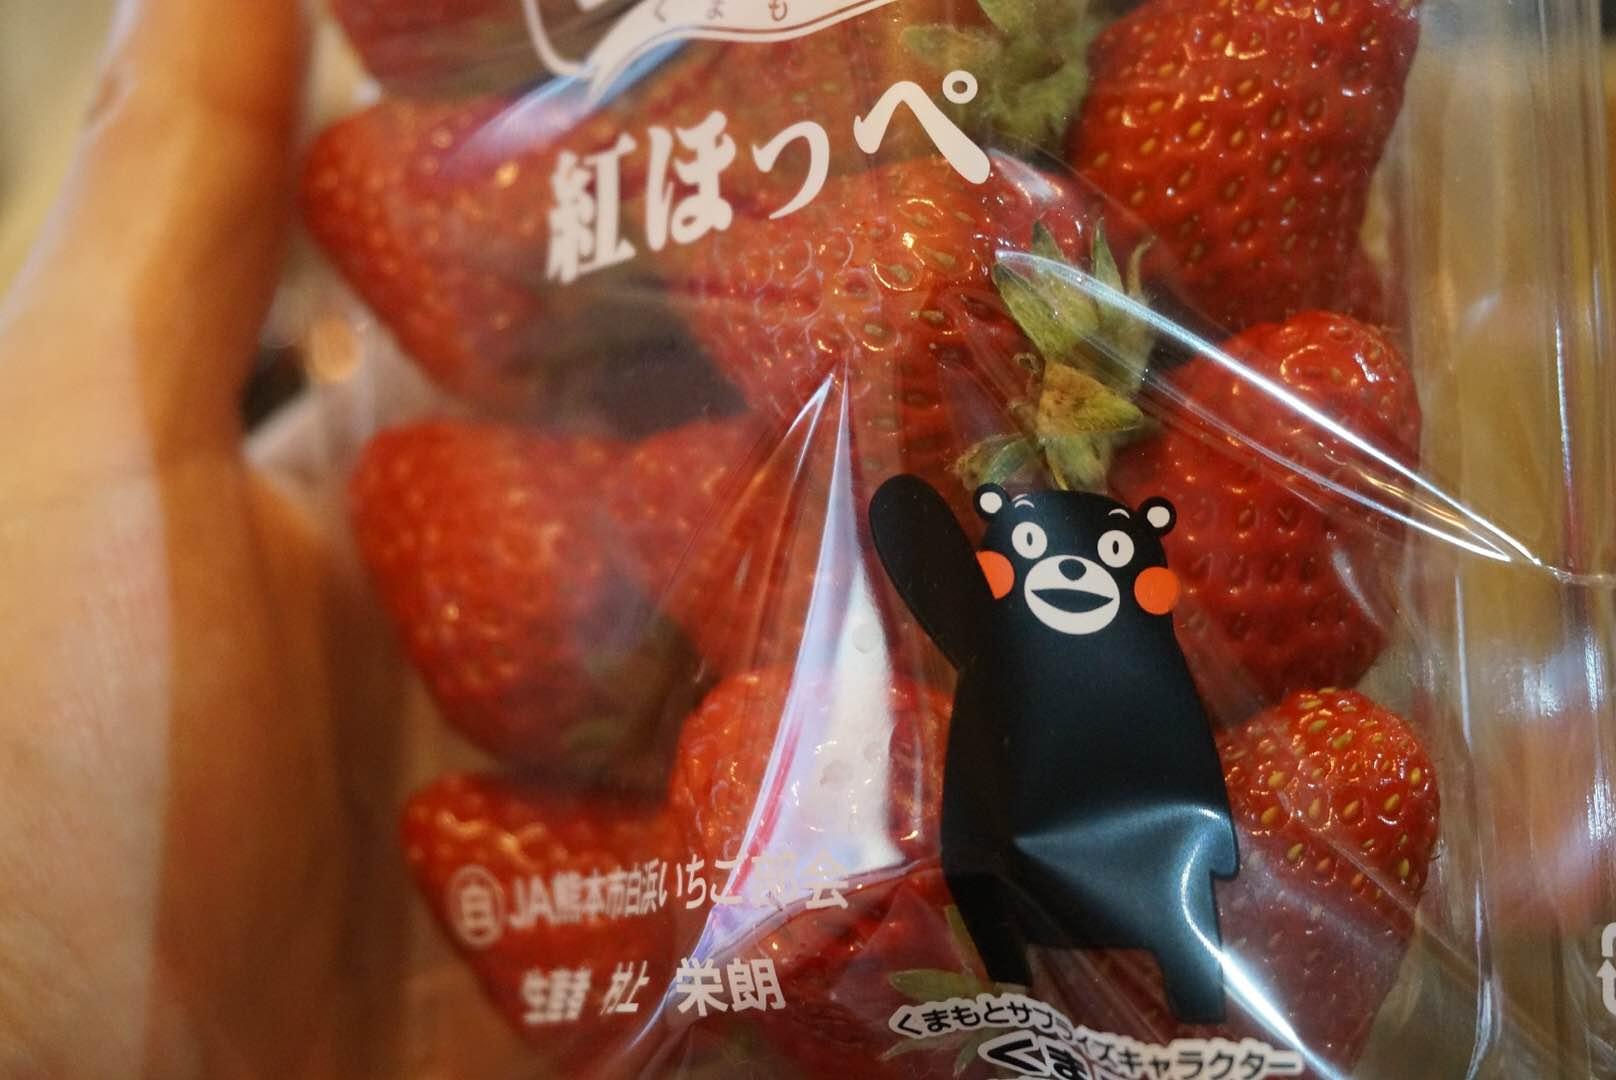 熊本県産 いちご 紅ほっぺ